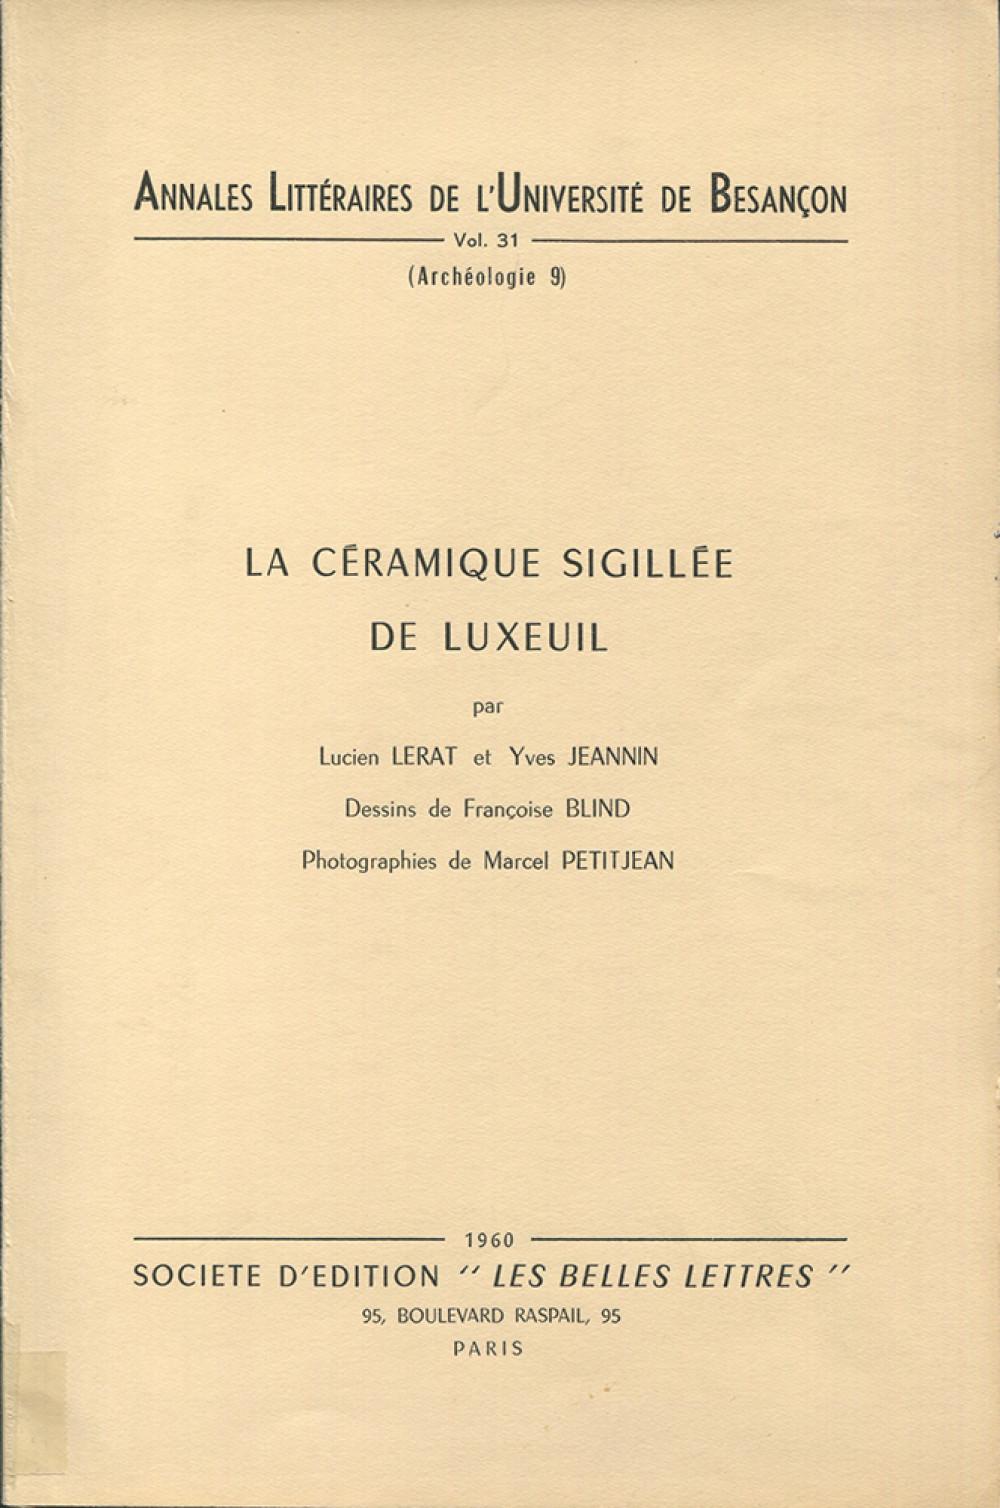 La céramique sigillée de Luxeuil